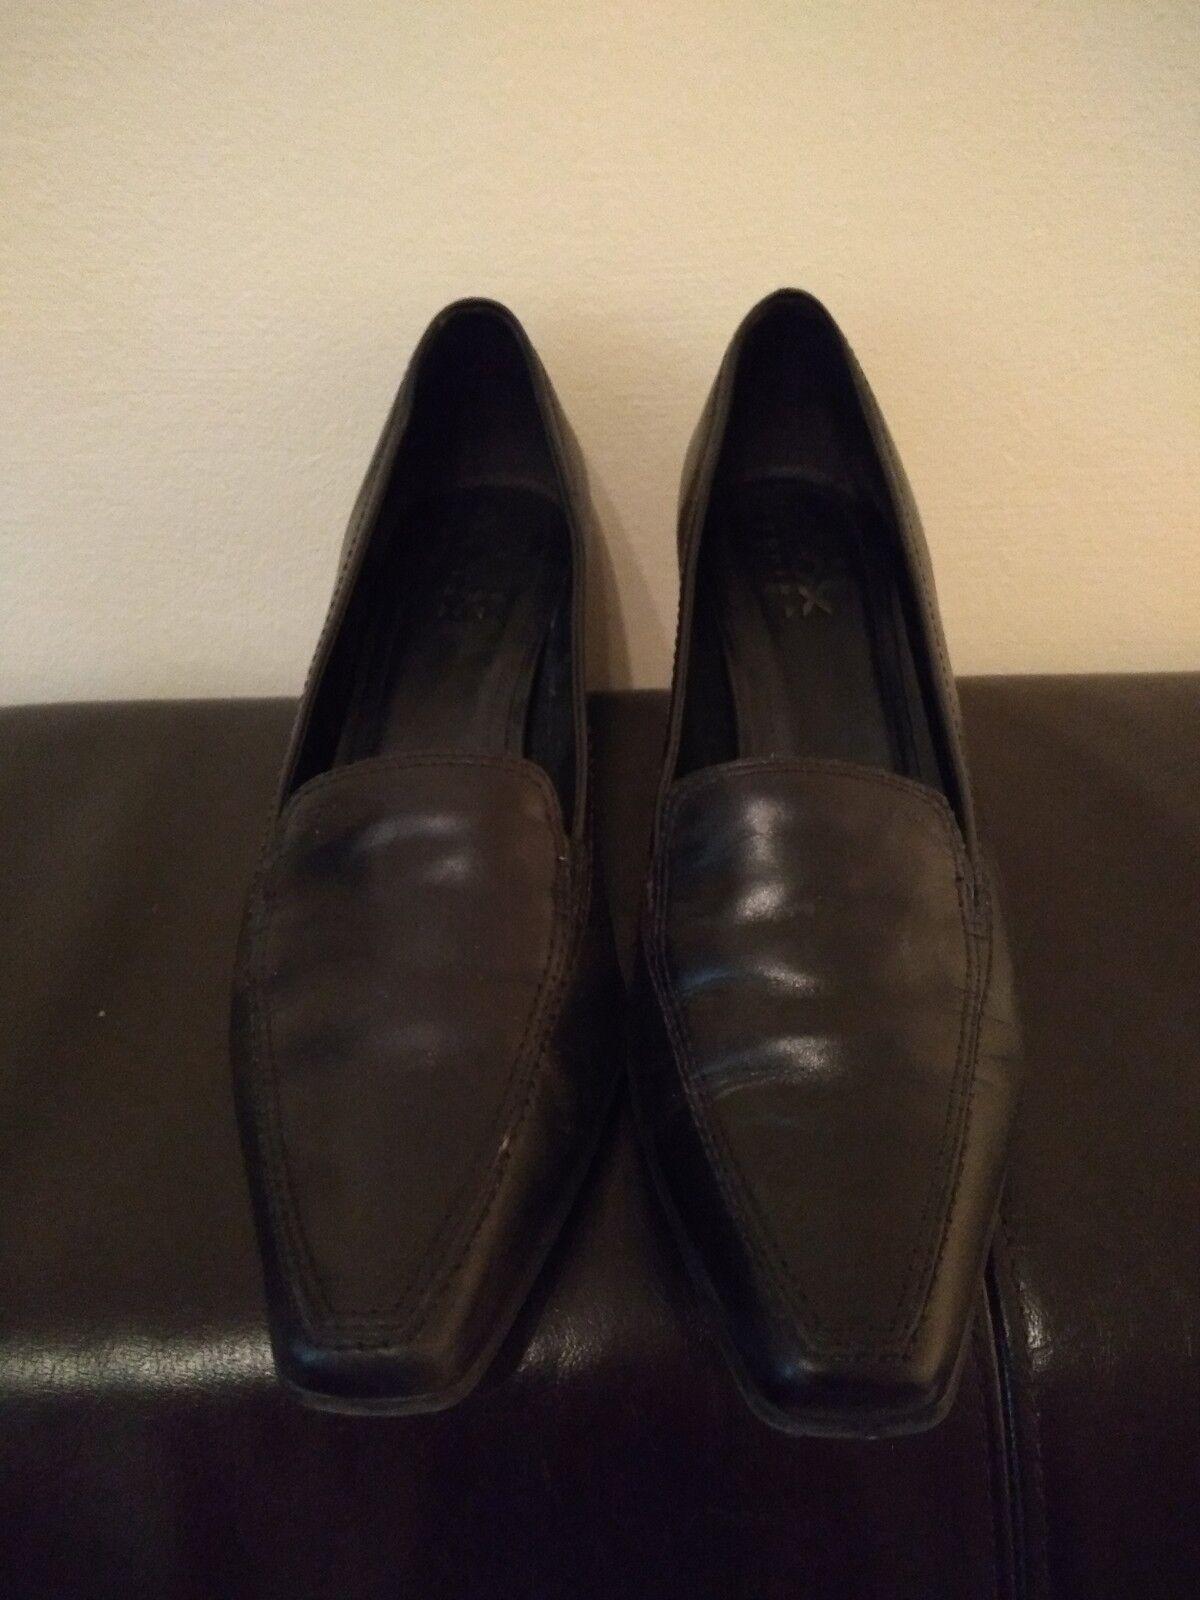 GEOX Leder Schuhe Pumps Gr. Gr. Gr. 41 Damen Leder schwarz kaum getragen d02a3c